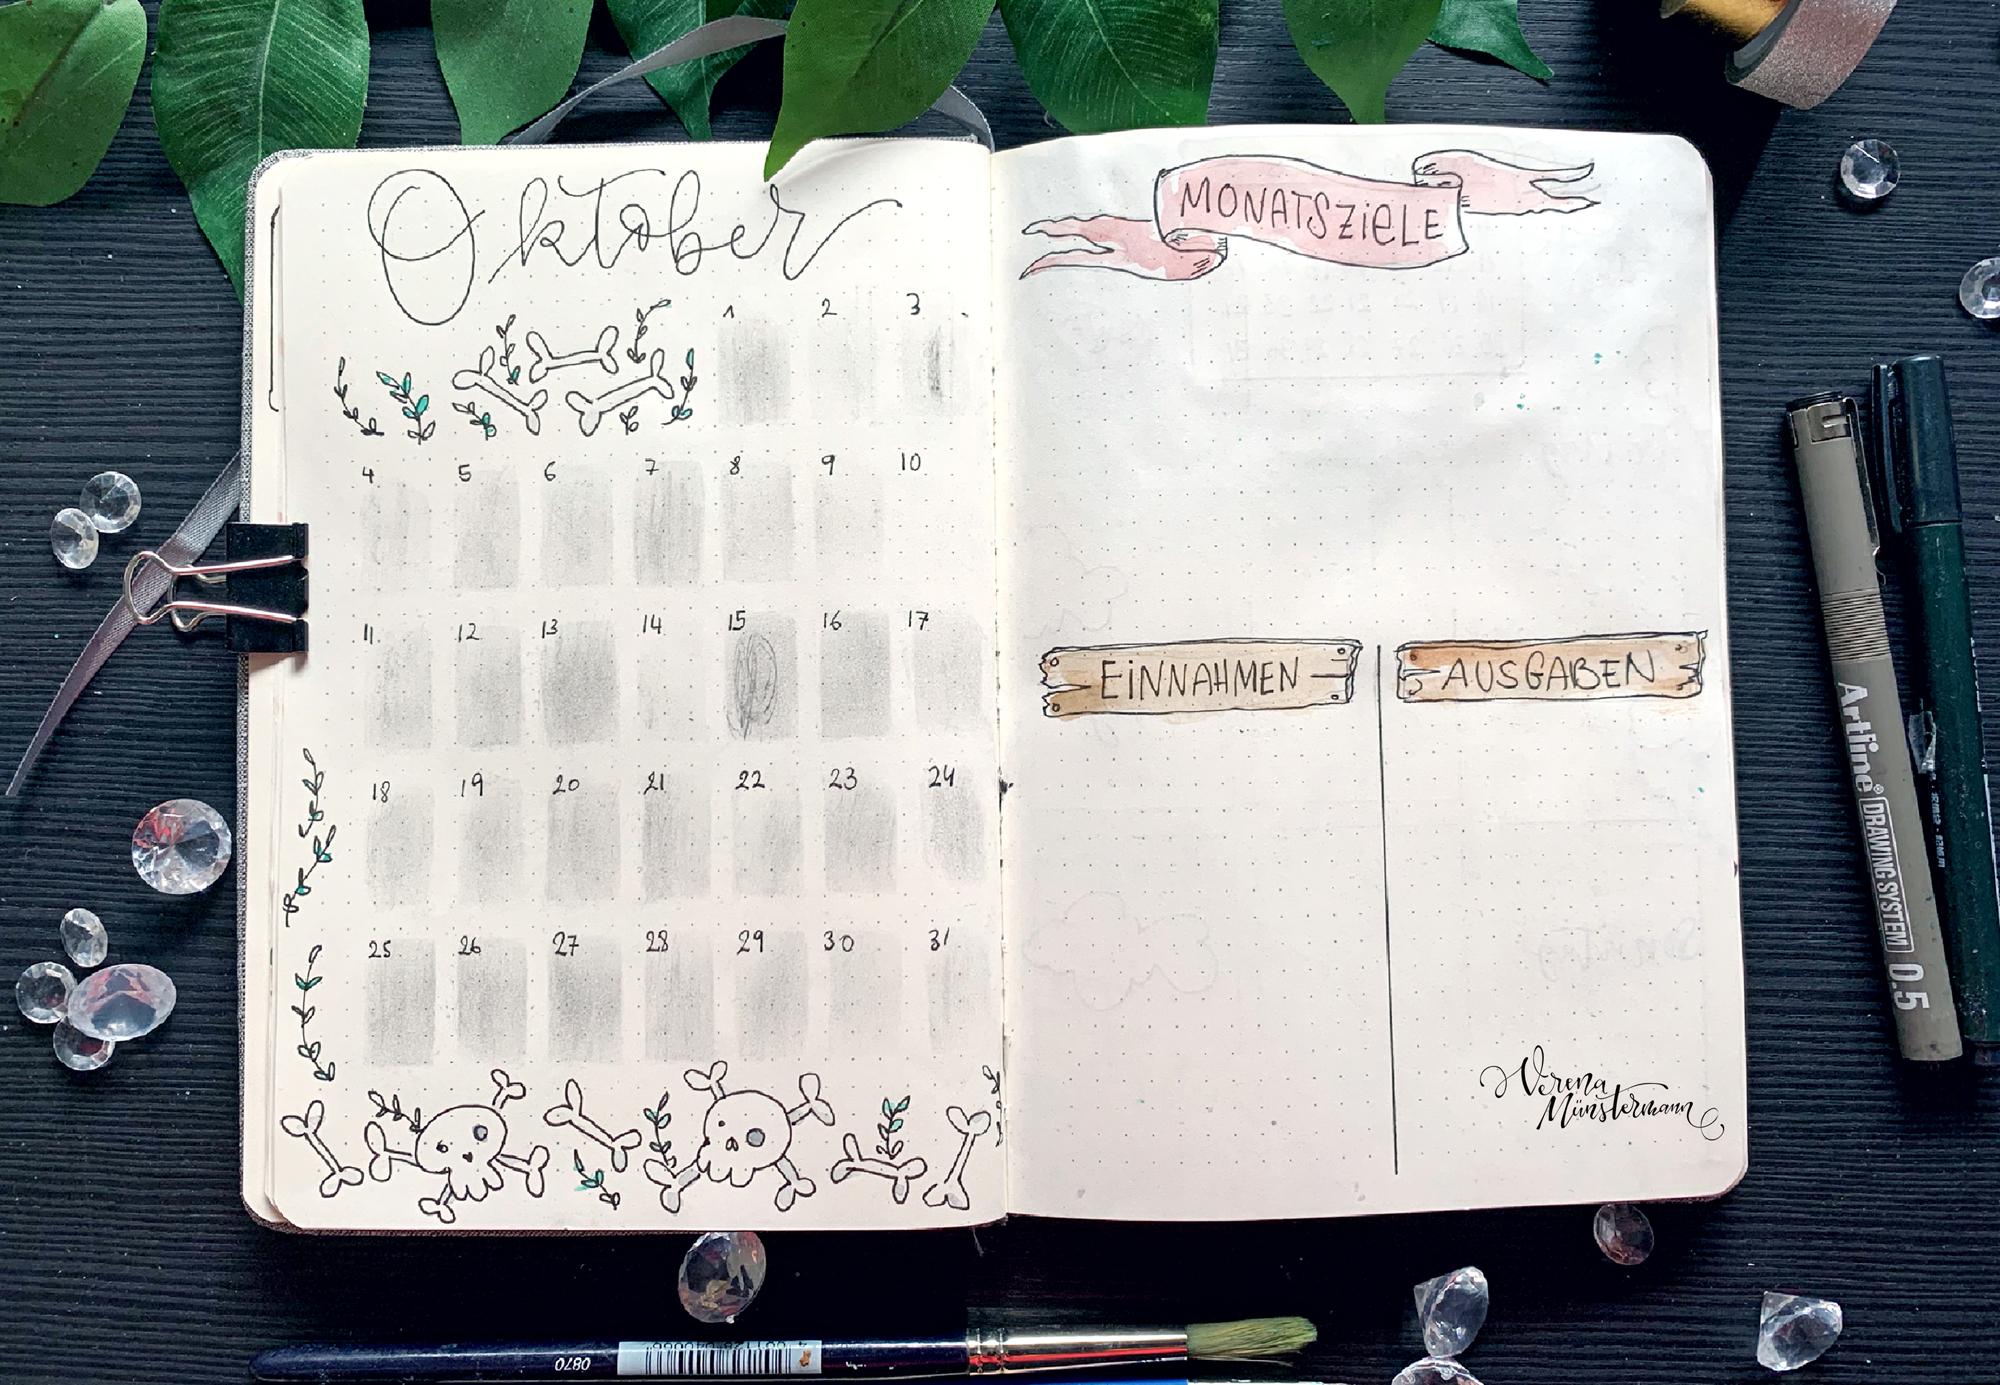 verenamuenstermann - Planer - Kalender - Oktober